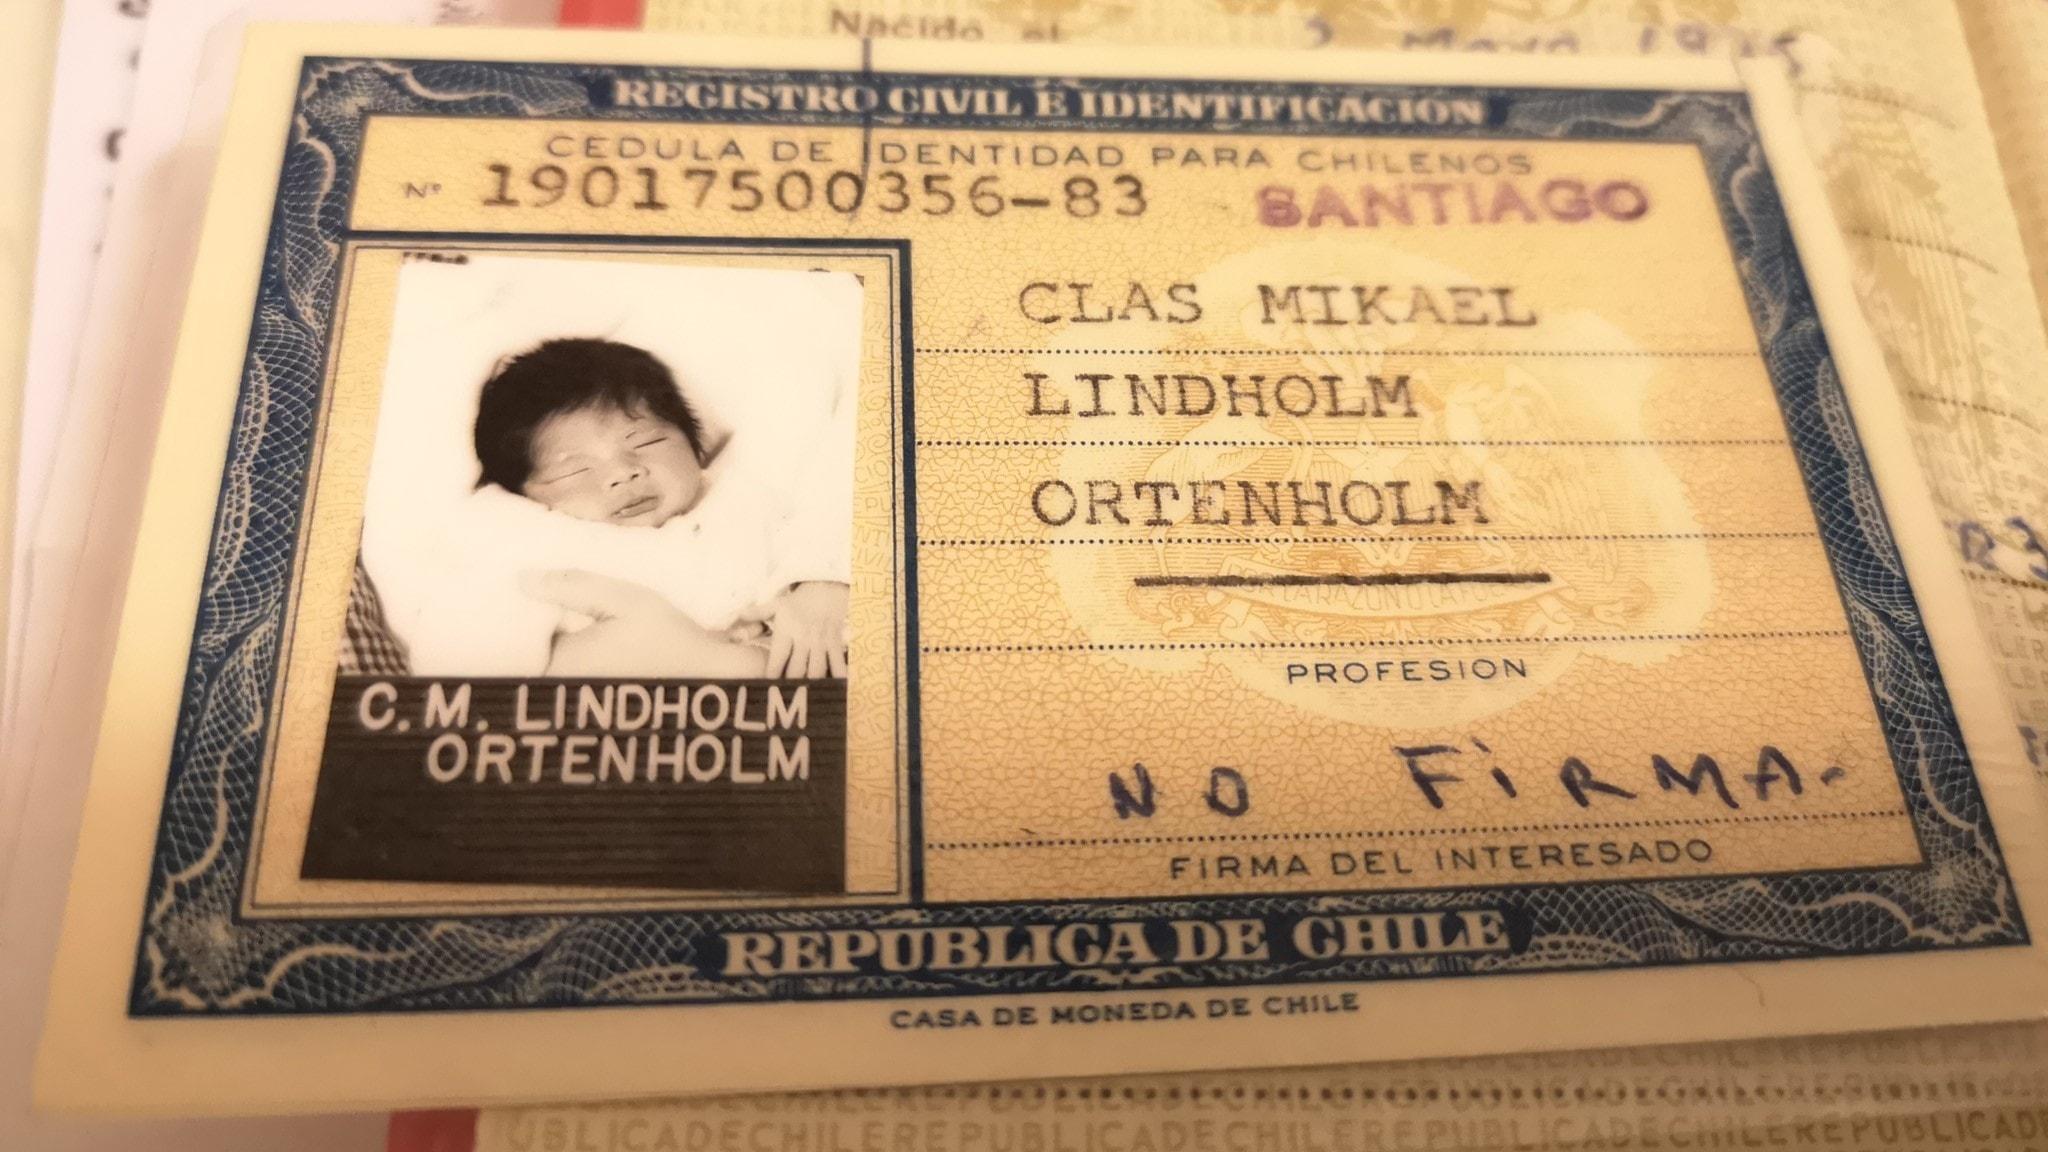 Clas Lindholm upptäckte vid 44-års ålder att han inte övergivits utan stulits.